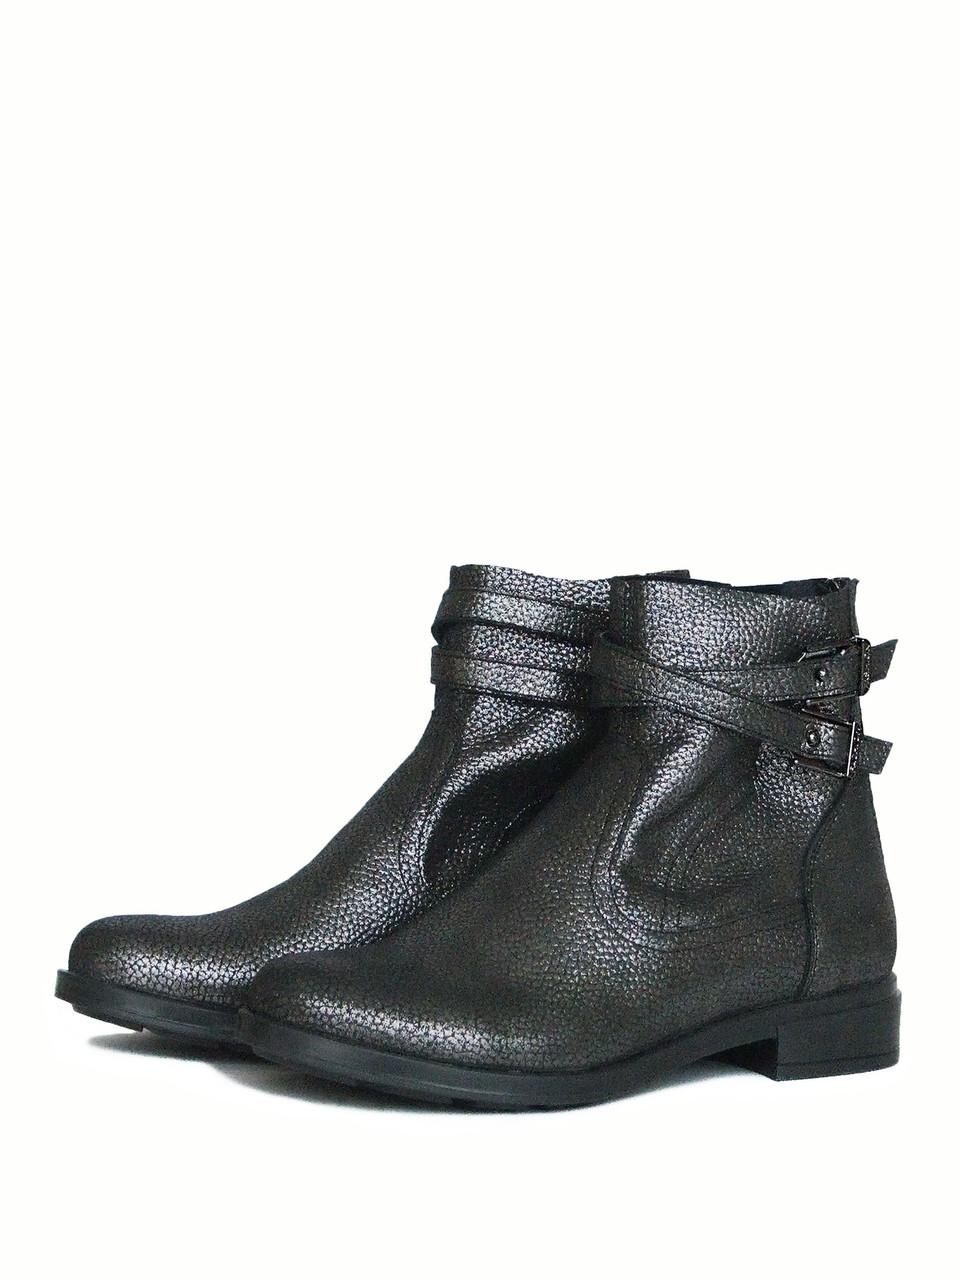 Удобные кожаные серебристые ботинки